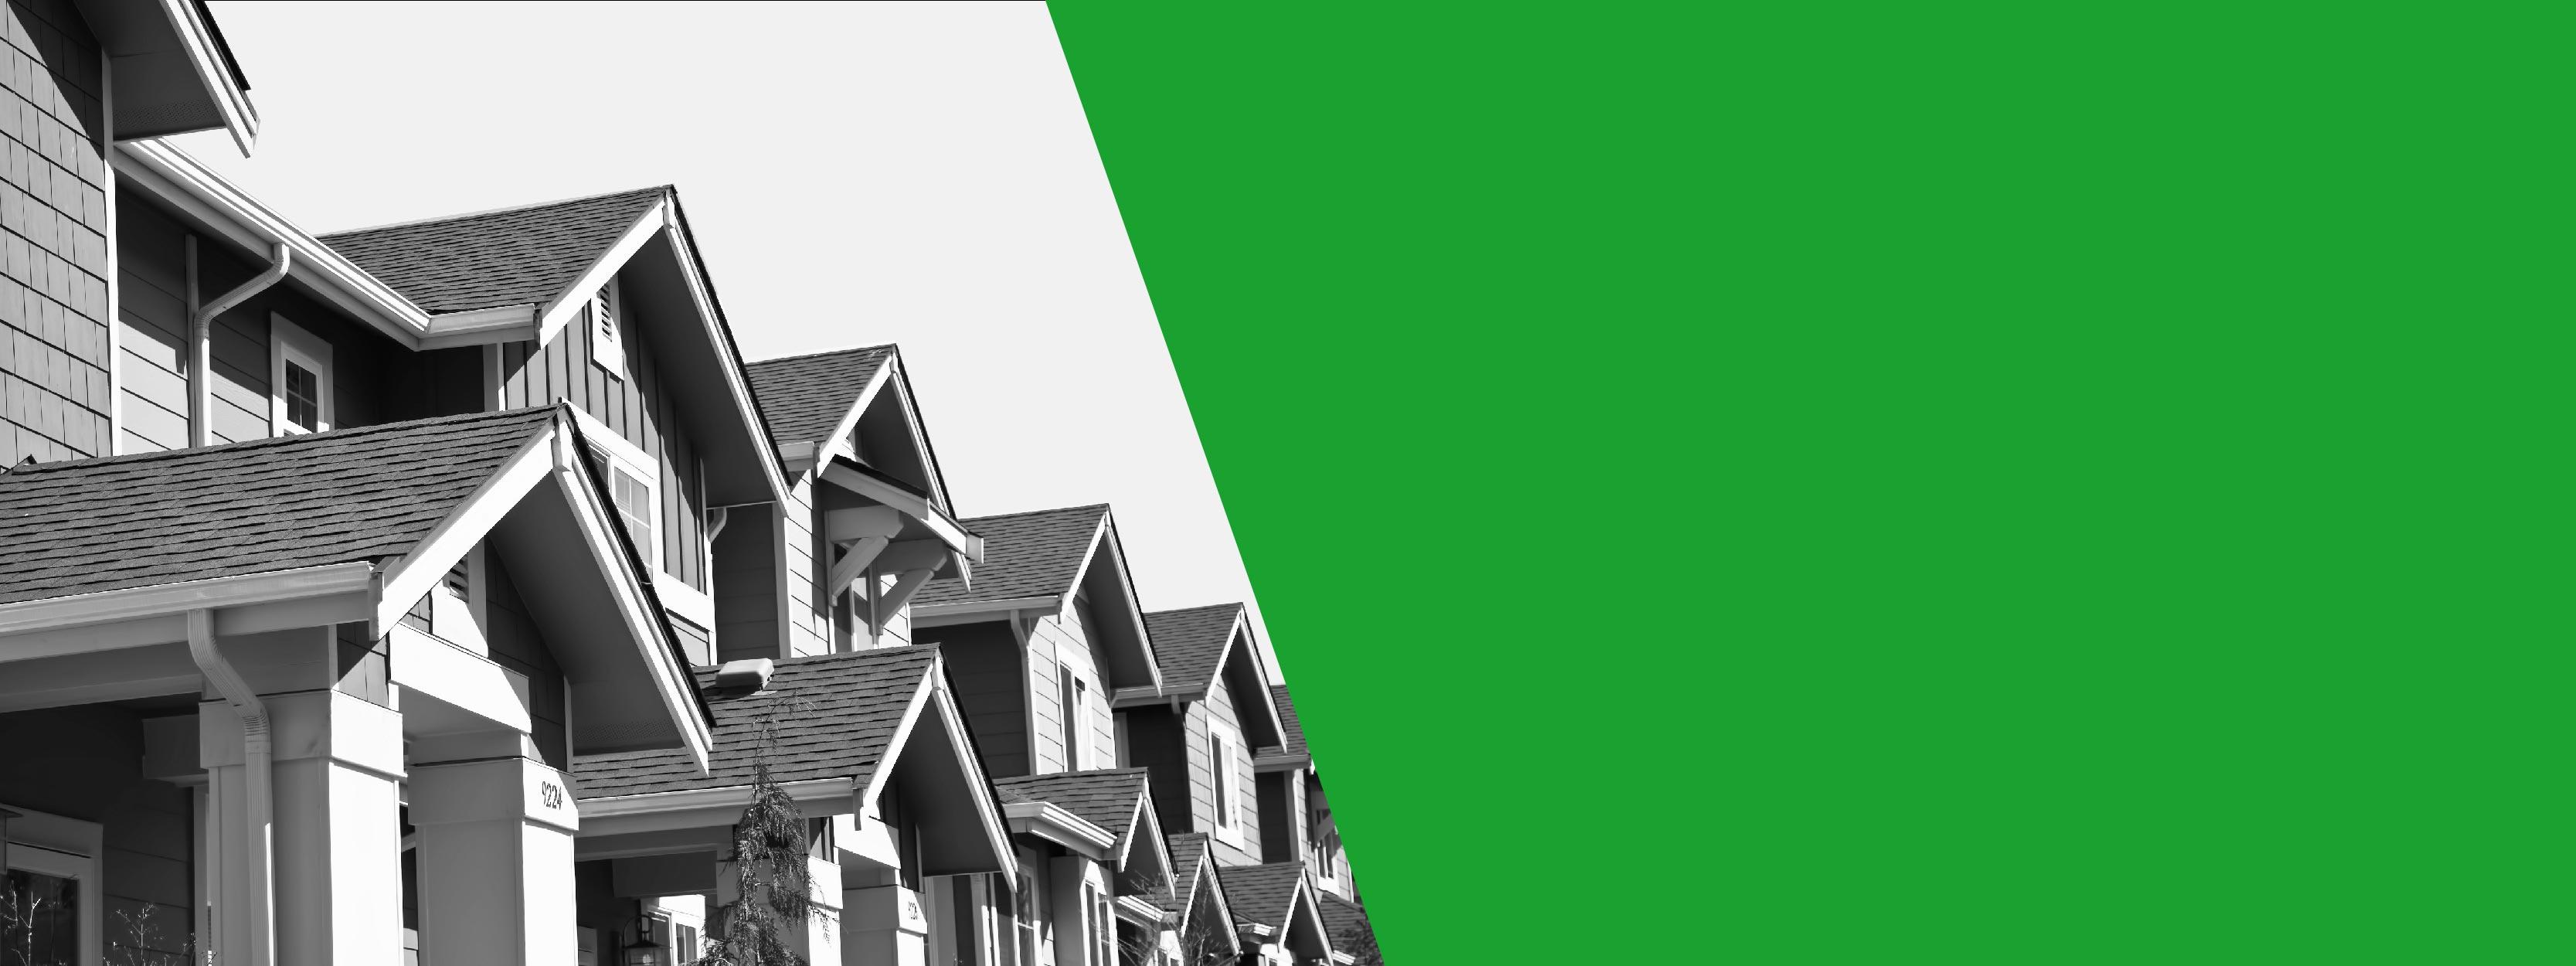 What Is A Bedroom Community Neighborhoods Com